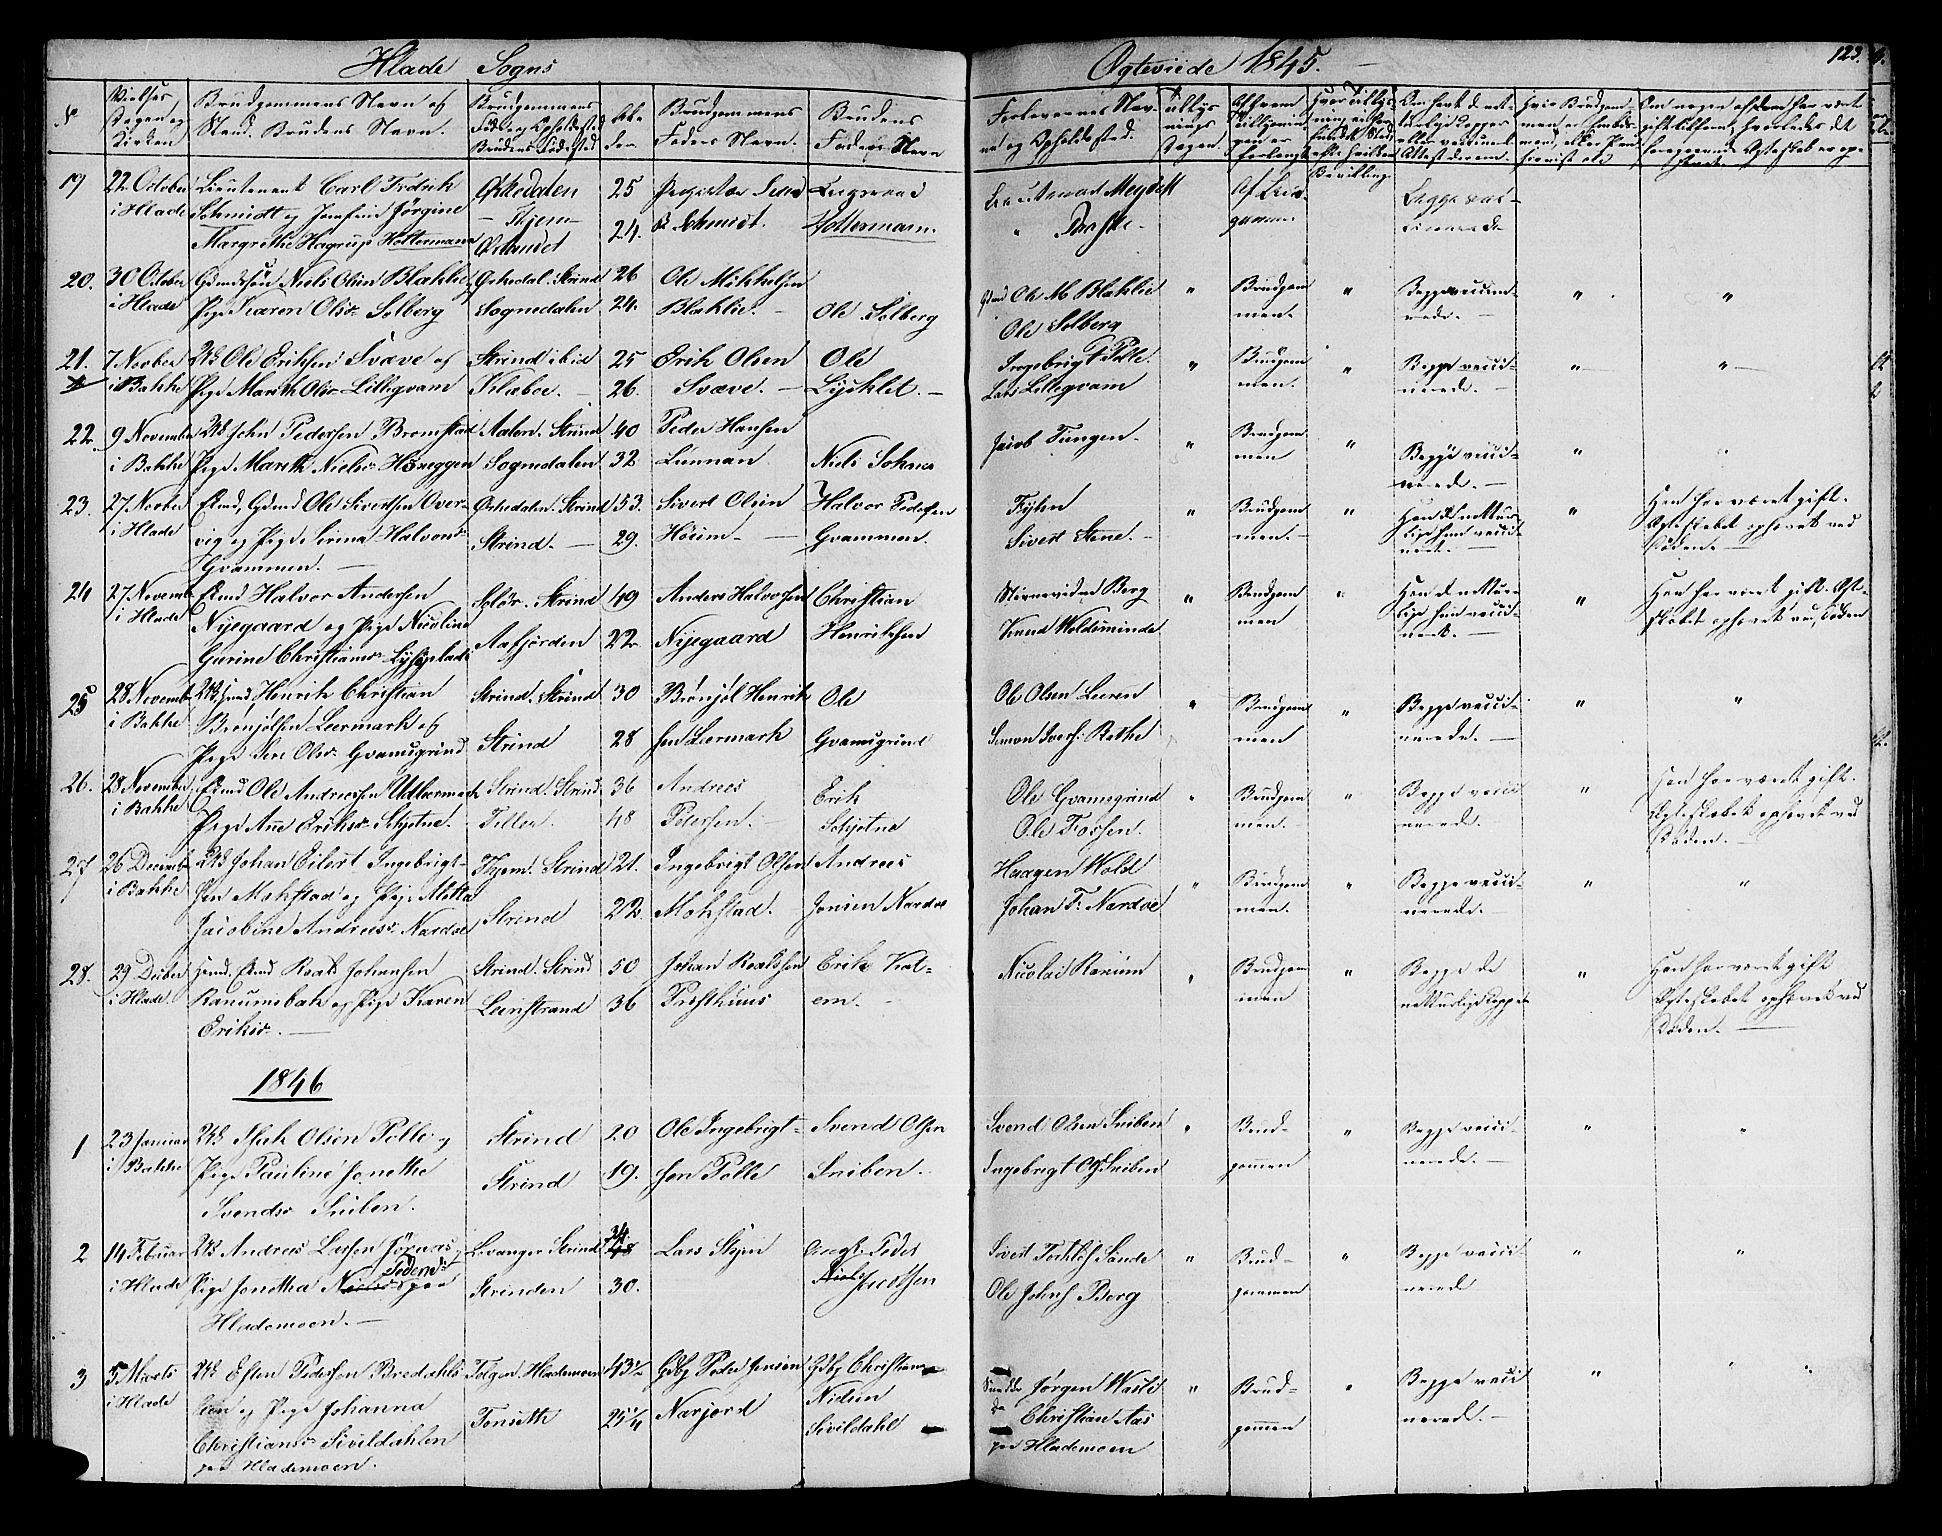 SAT, Ministerialprotokoller, klokkerbøker og fødselsregistre - Sør-Trøndelag, 606/L0309: Klokkerbok nr. 606C05, 1841-1849, s. 123